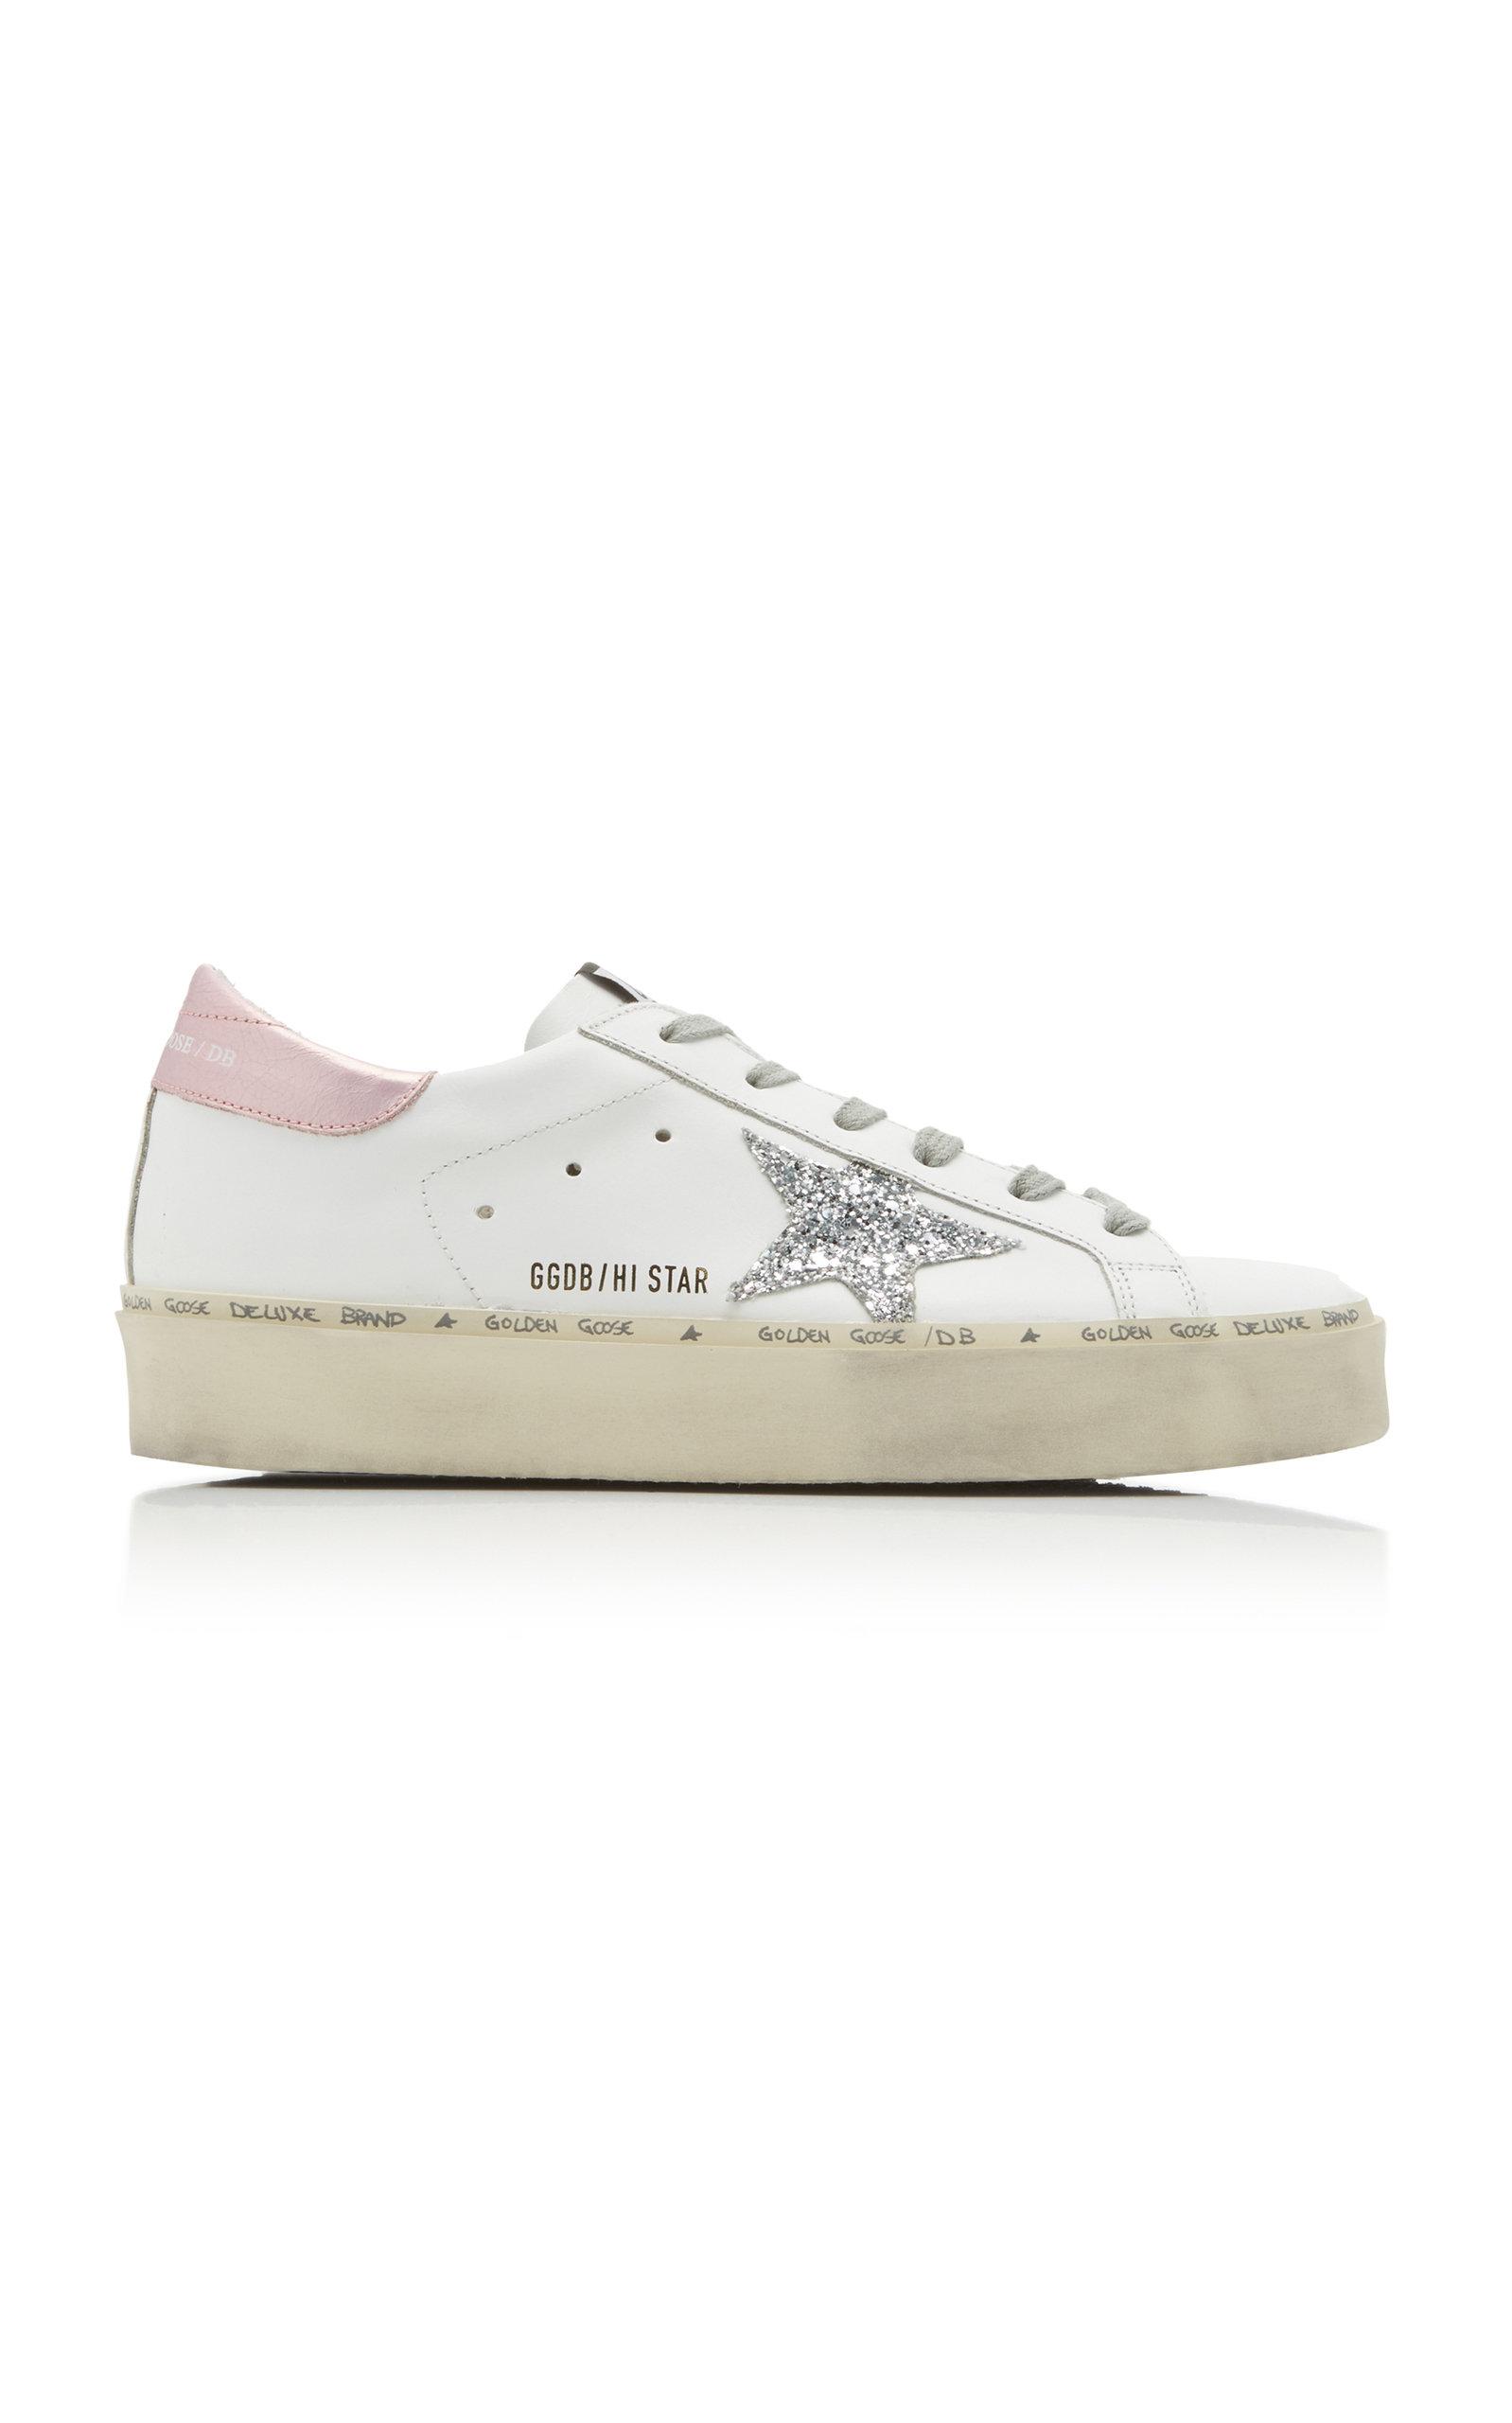 Hi Low Sneakers Star Leather Top bgIY6fyv7m